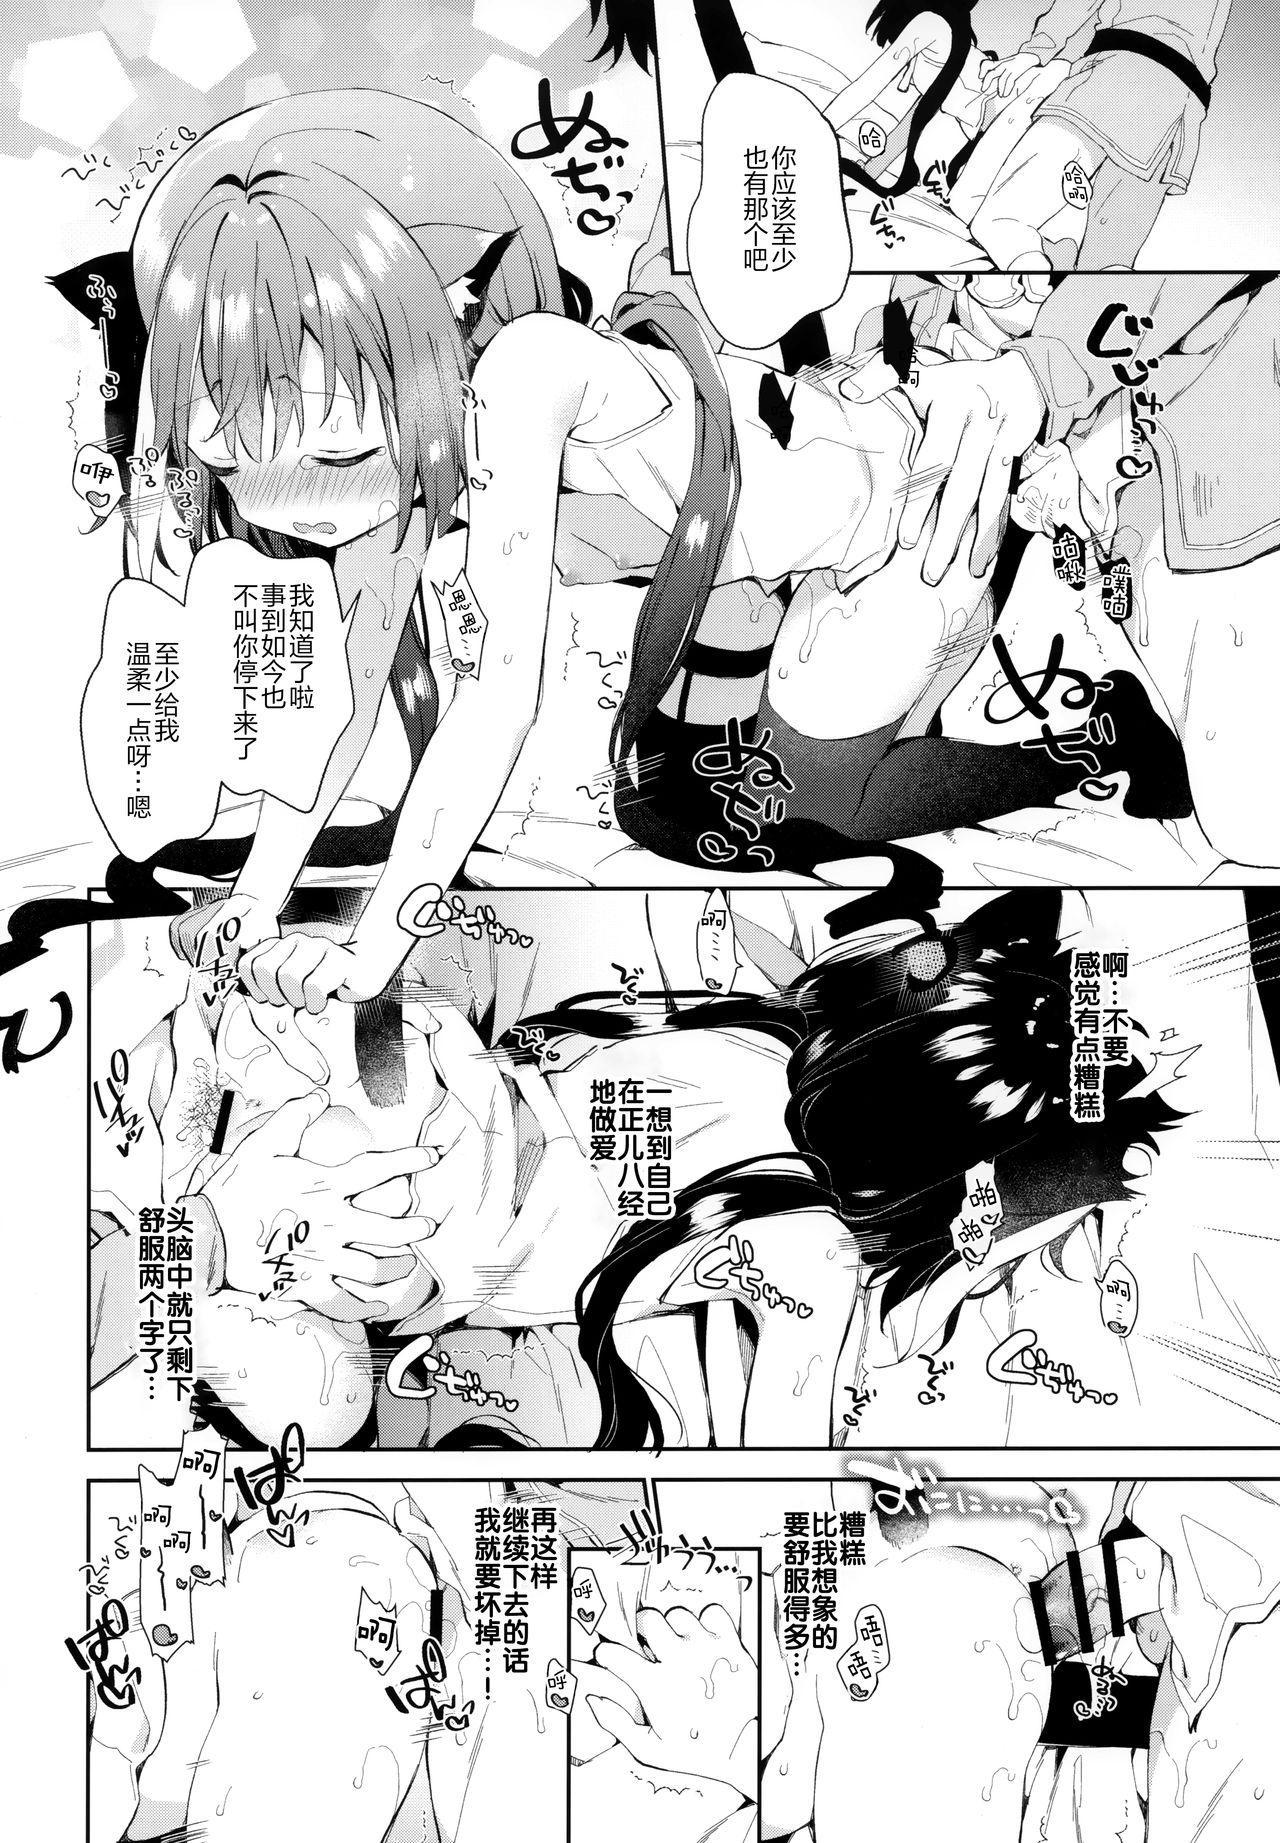 Kyaru-chan to Densetsu no Maken! 17